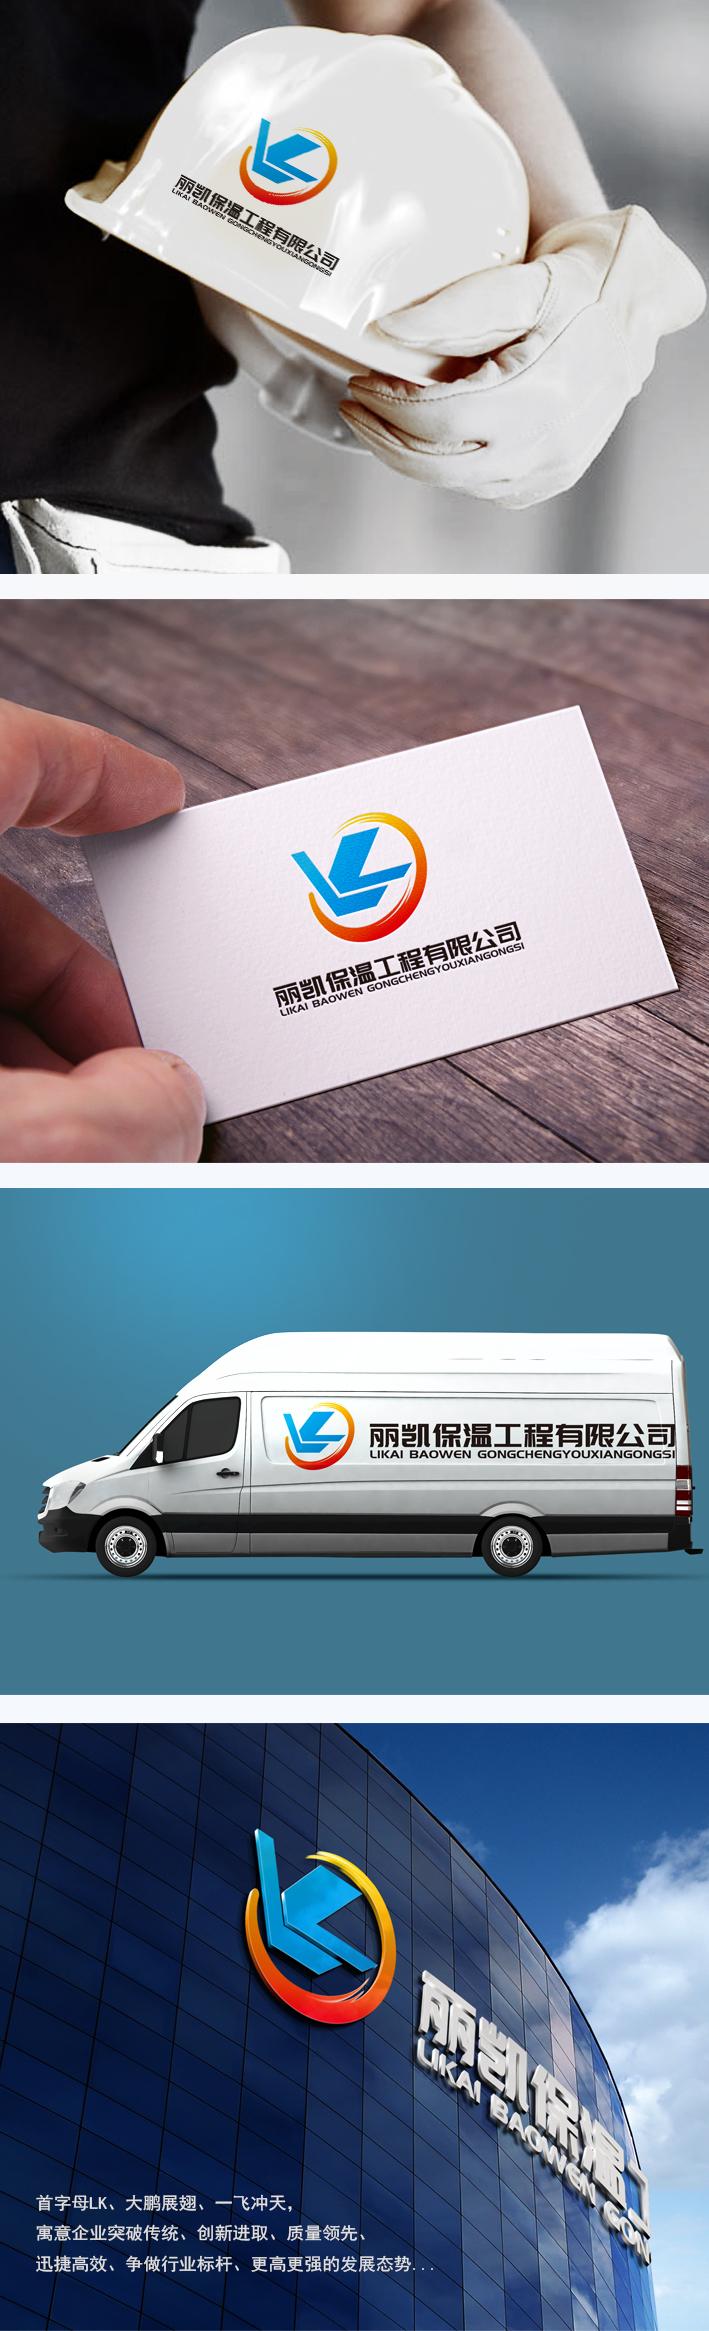 重庆丽凯保温工程有限公司logo设计_3035978_k68威客网